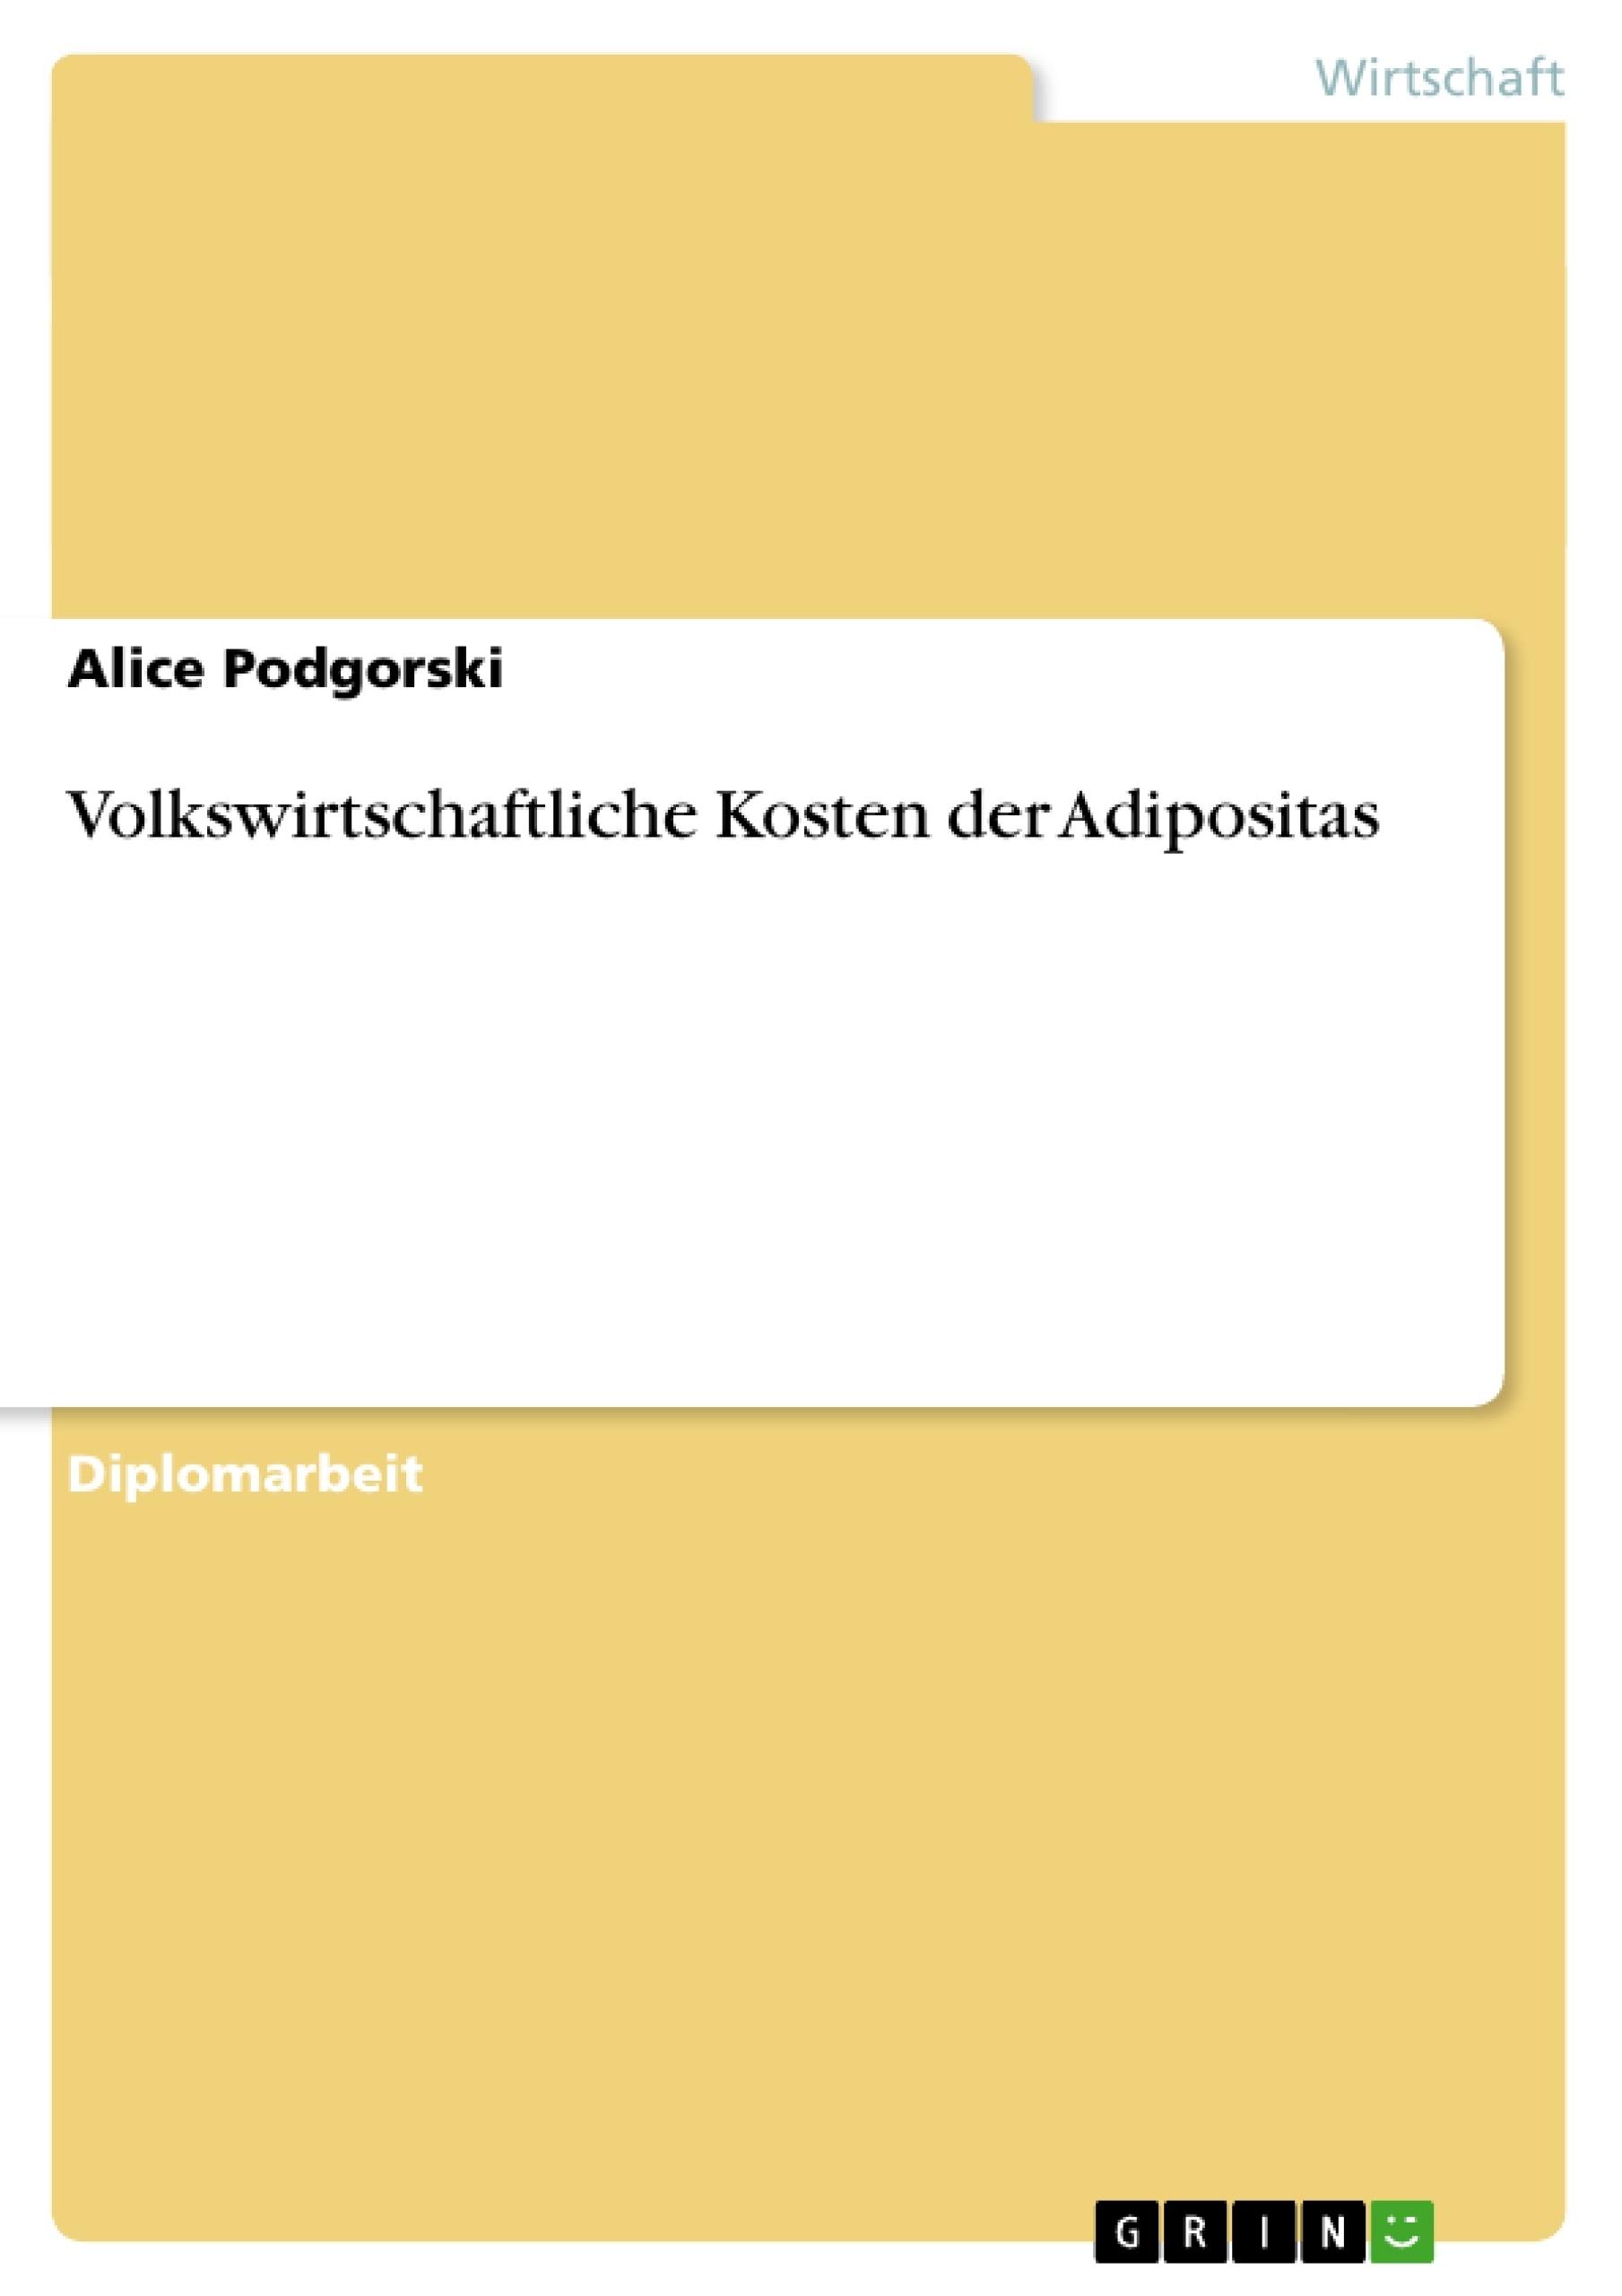 Titel: Volkswirtschaftliche Kosten der Adipositas